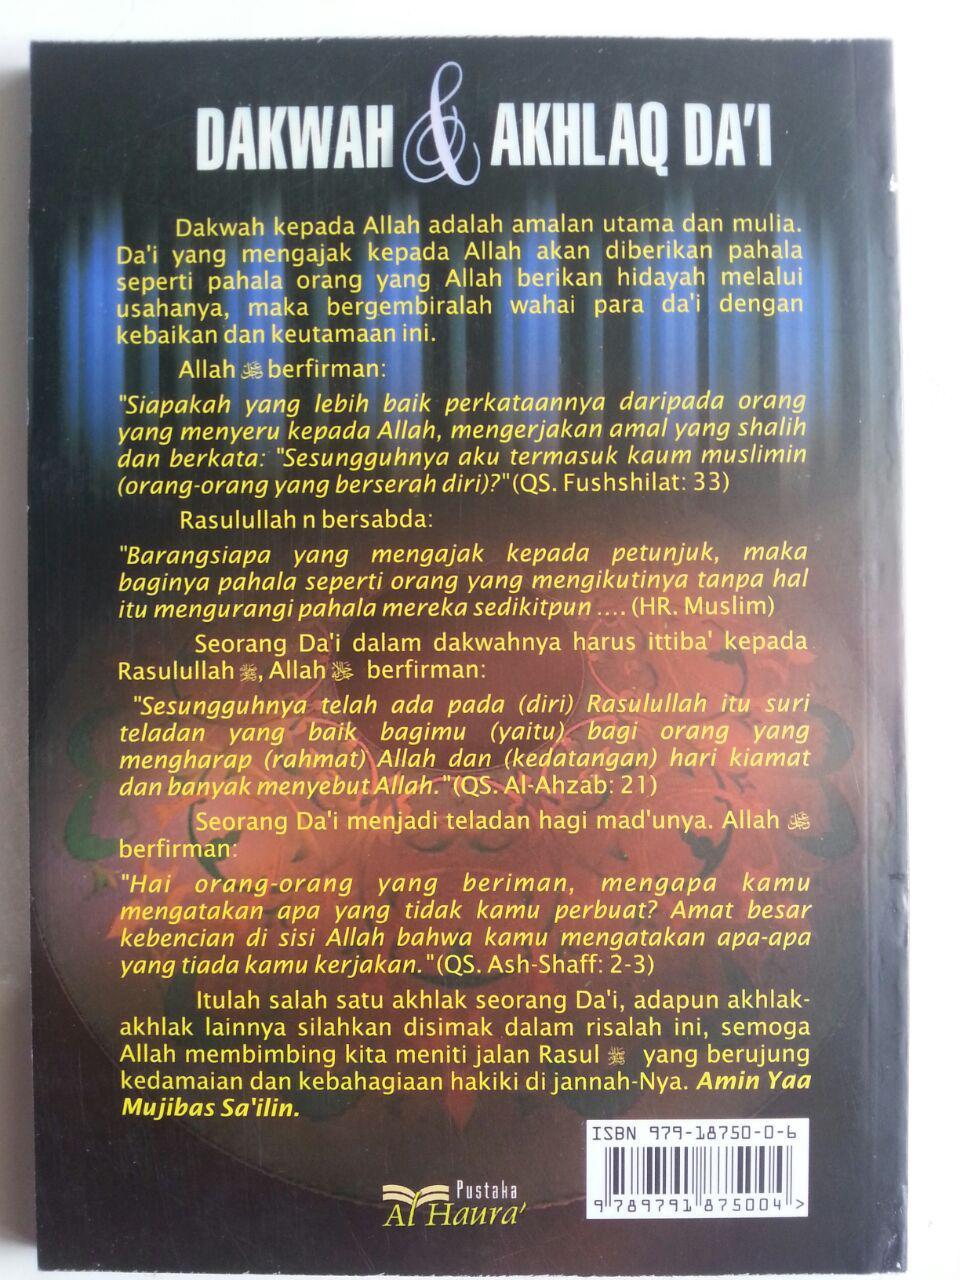 Buku Dakwah Dan Akhlak Dai cover